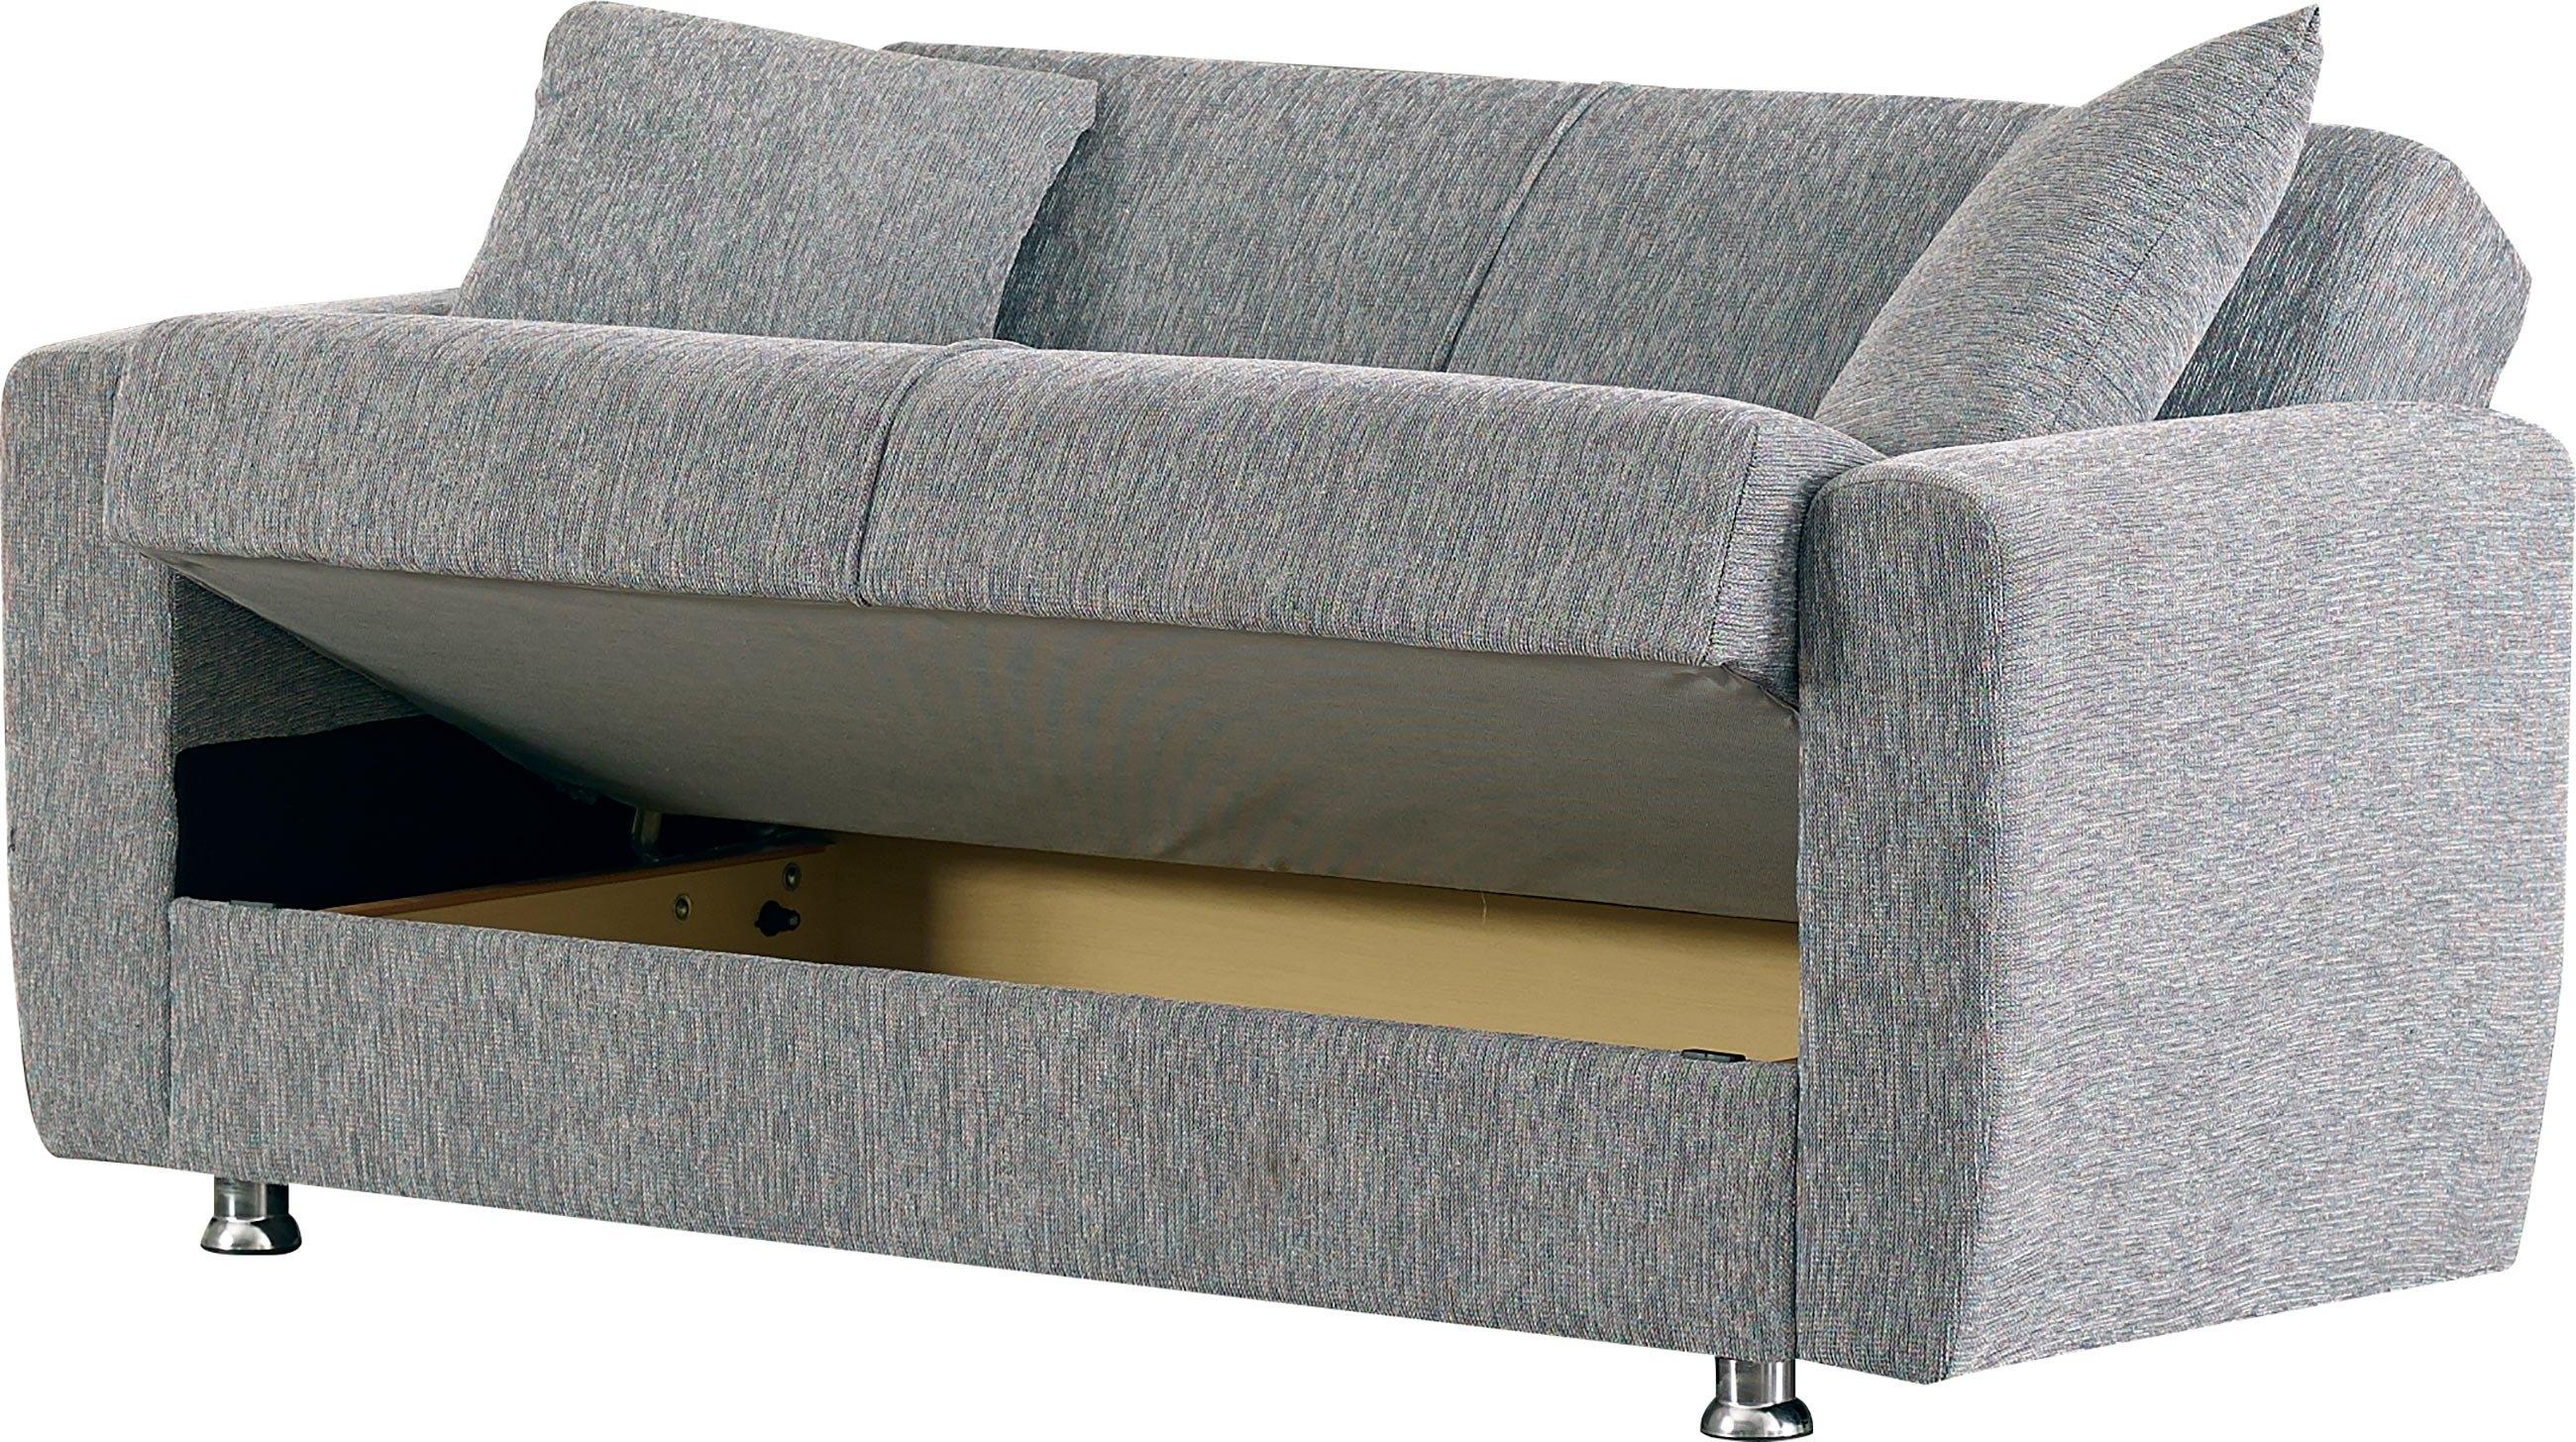 Niagara Gray Fabric Loveseatempire Furniture Usa Pertaining To Niagara Sectional Sofas (Image 8 of 10)